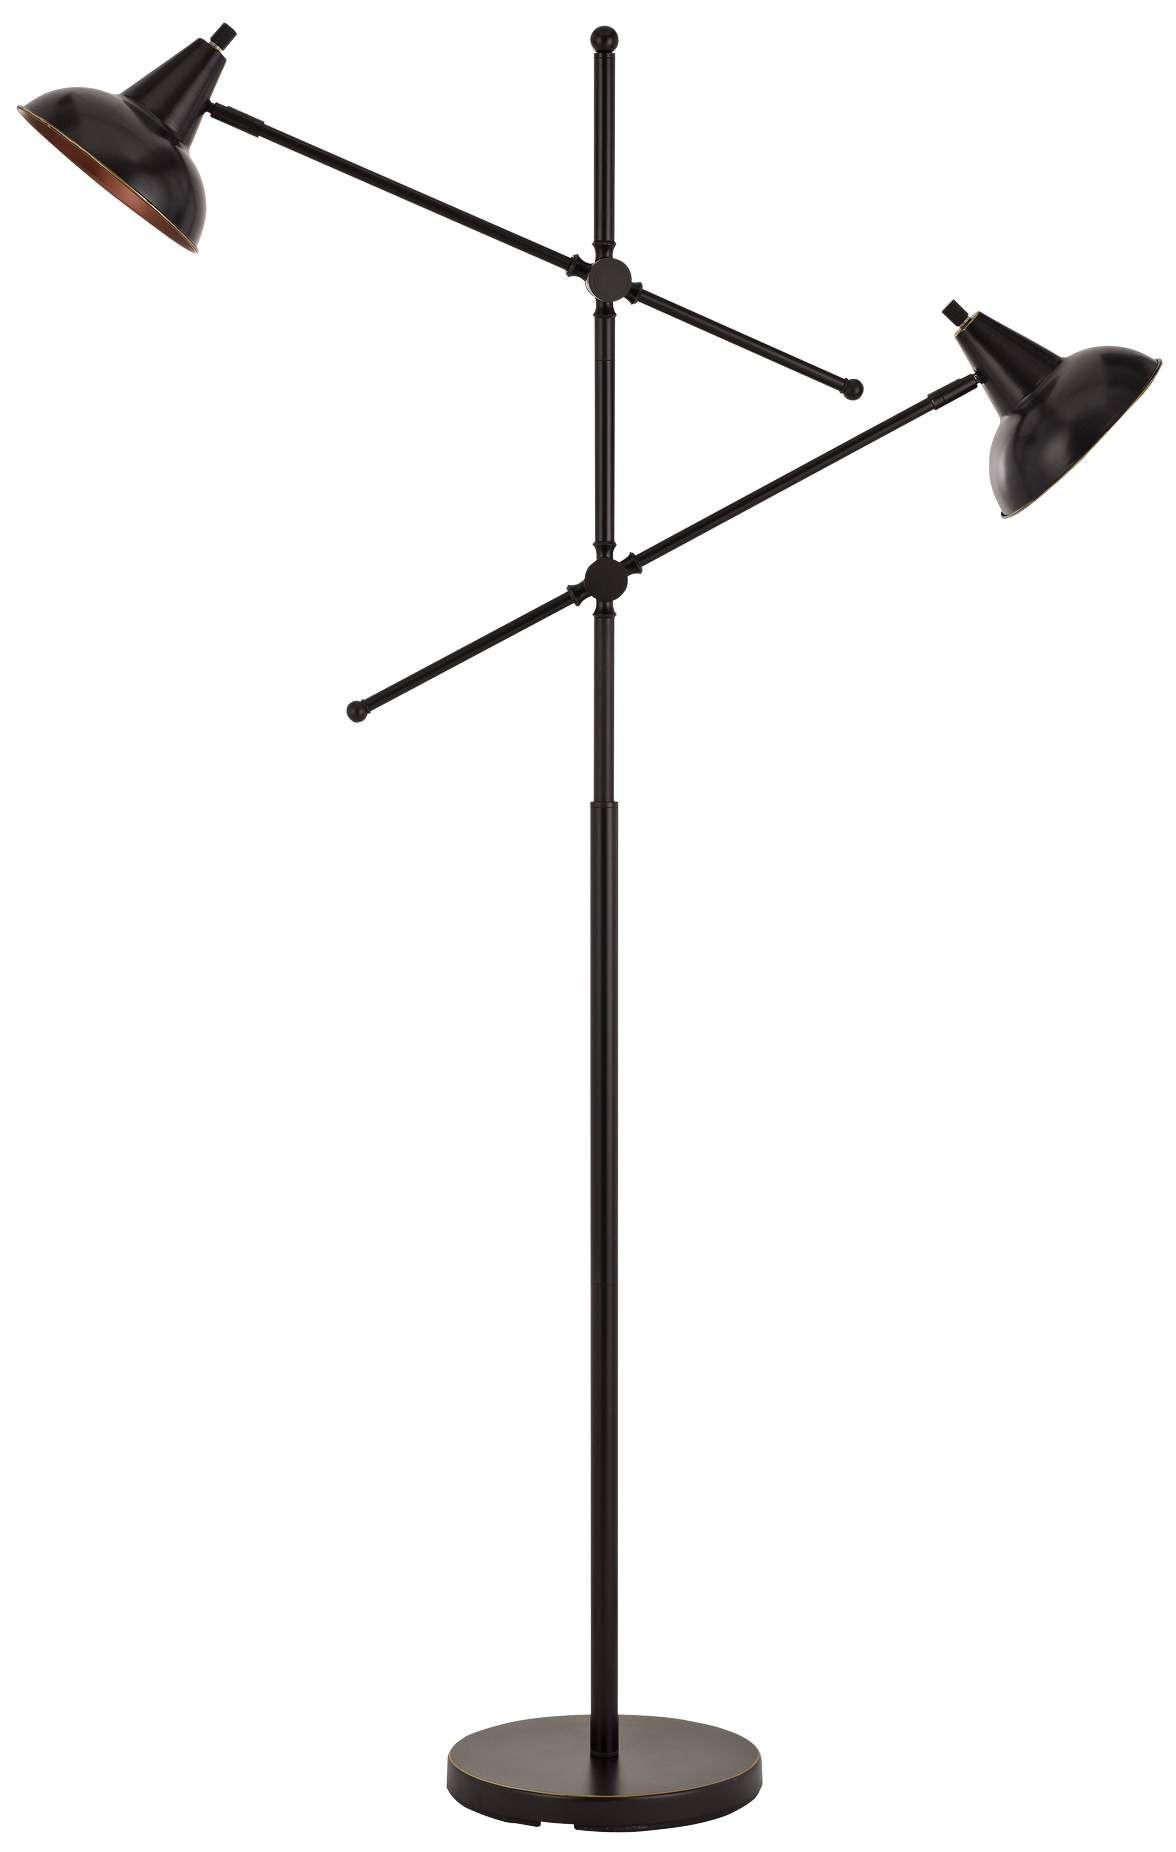 Floor Lamps Canterbury Dark Bronze Metal 2 Light Adjustable Floor Lamp In 2020 Adjustable Floor Lamp Floor Lamp Lamp